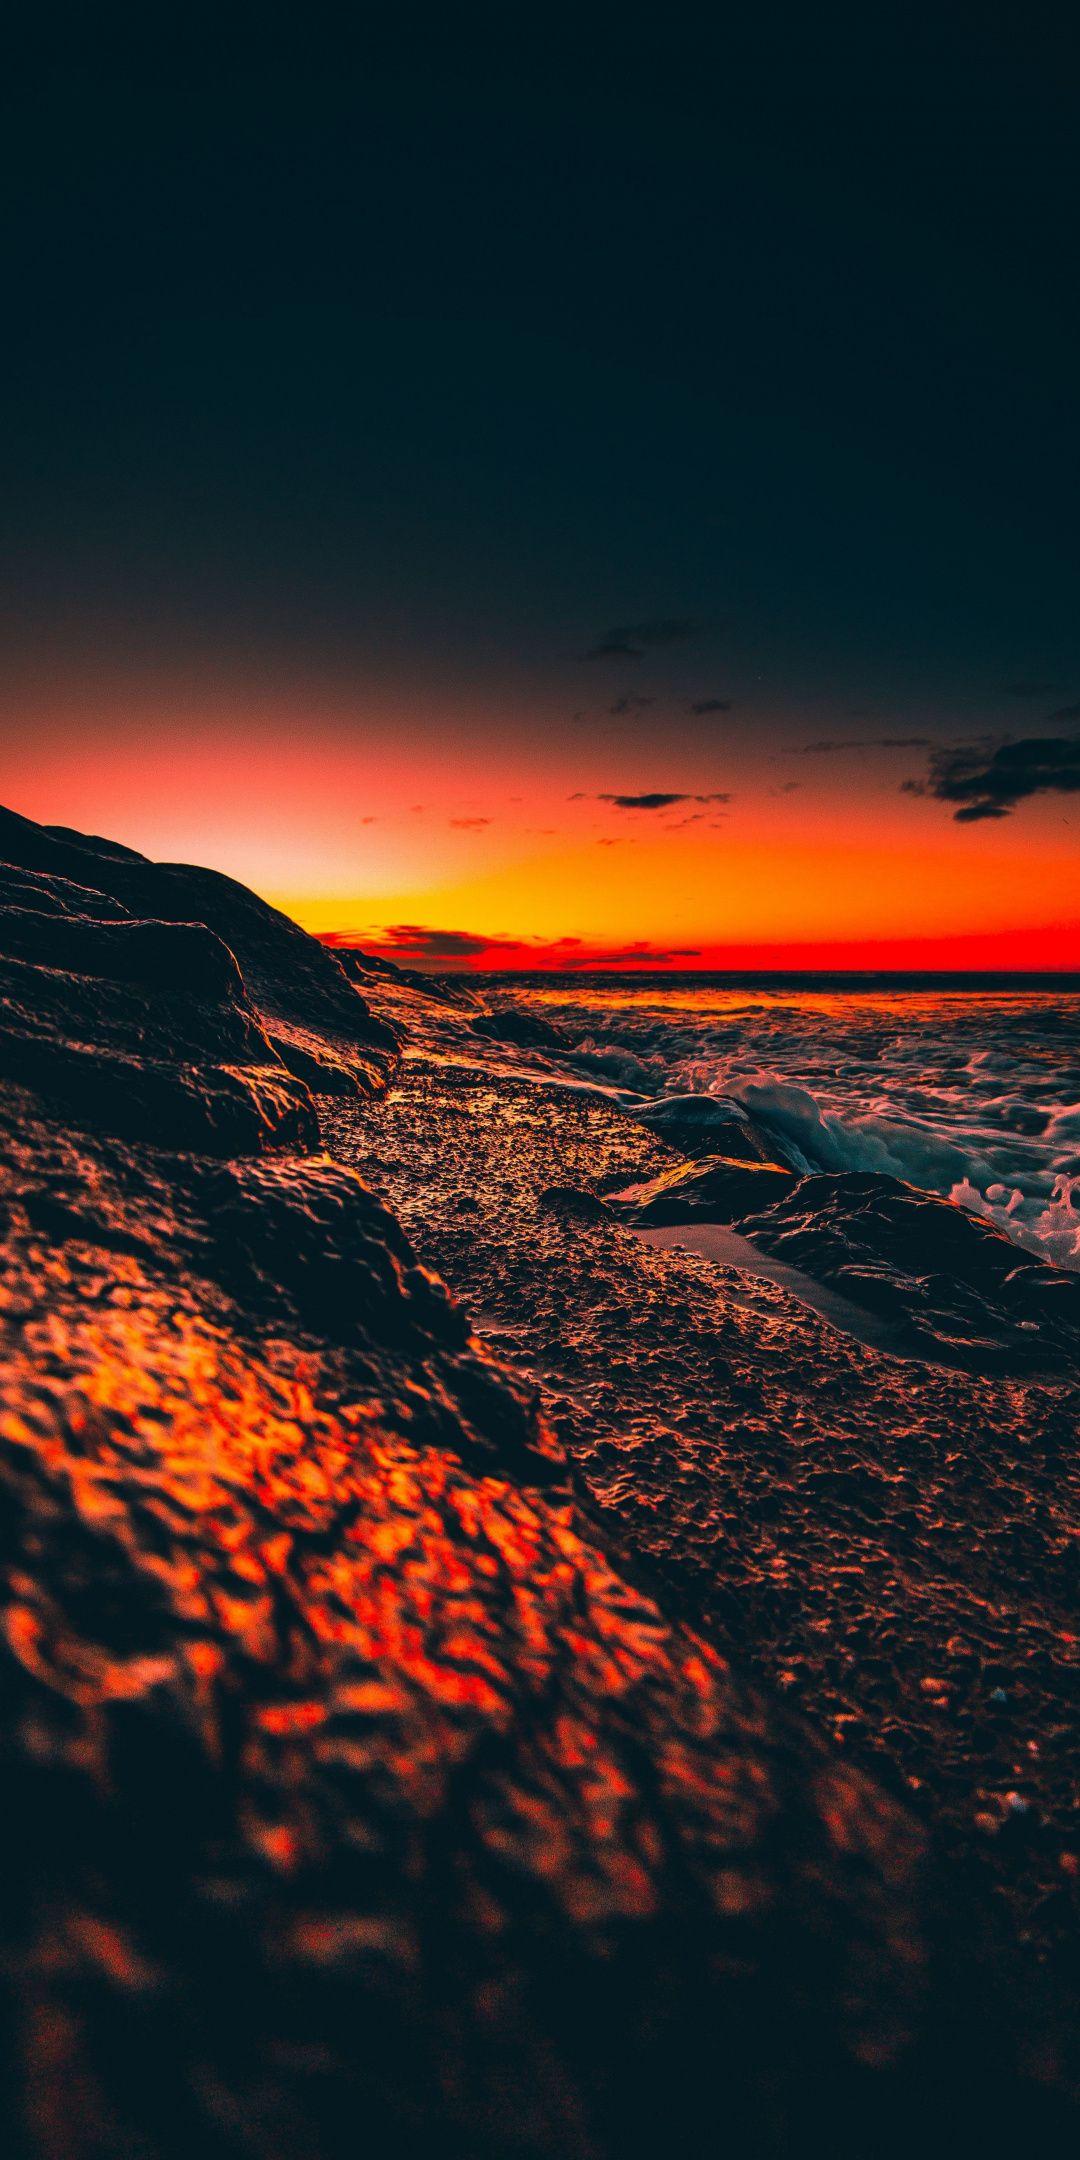 Beach Foam Sunset Close Up Wallpaper Beach Sunset Wallpaper Sunset Wallpaper Nature Photography Evening beach scenery wallpaper